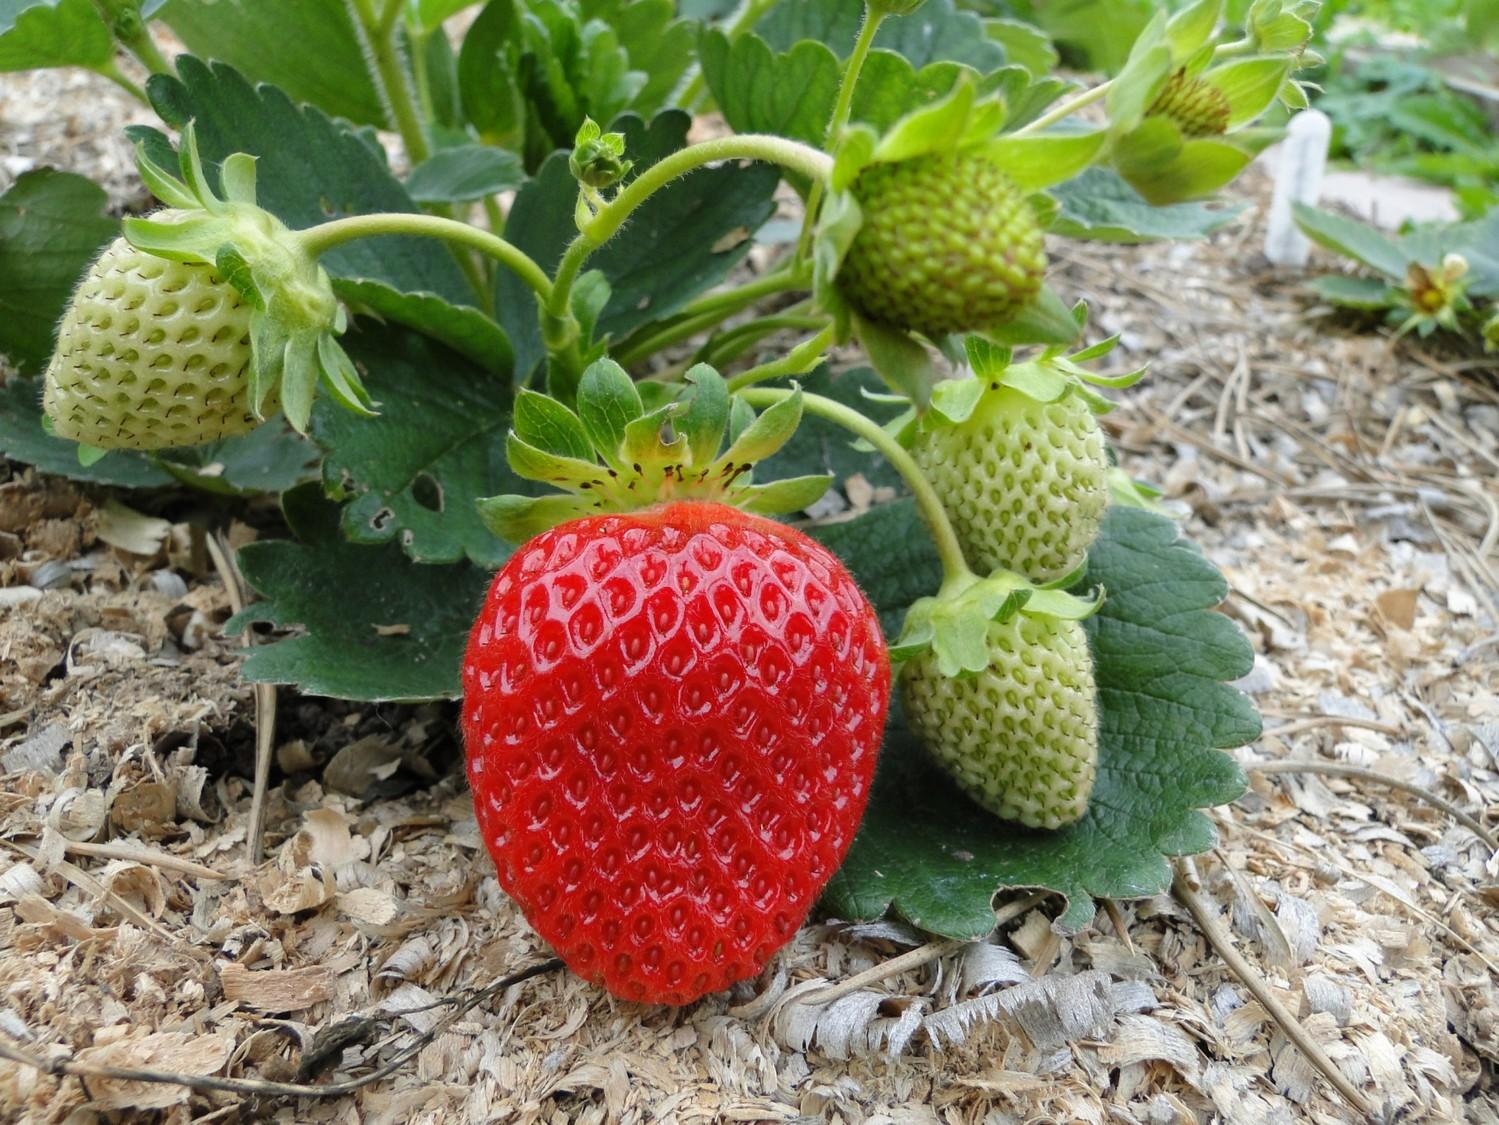 Ремонтантная клубника: выращивание и уход, правила посадки, лучшие сорта